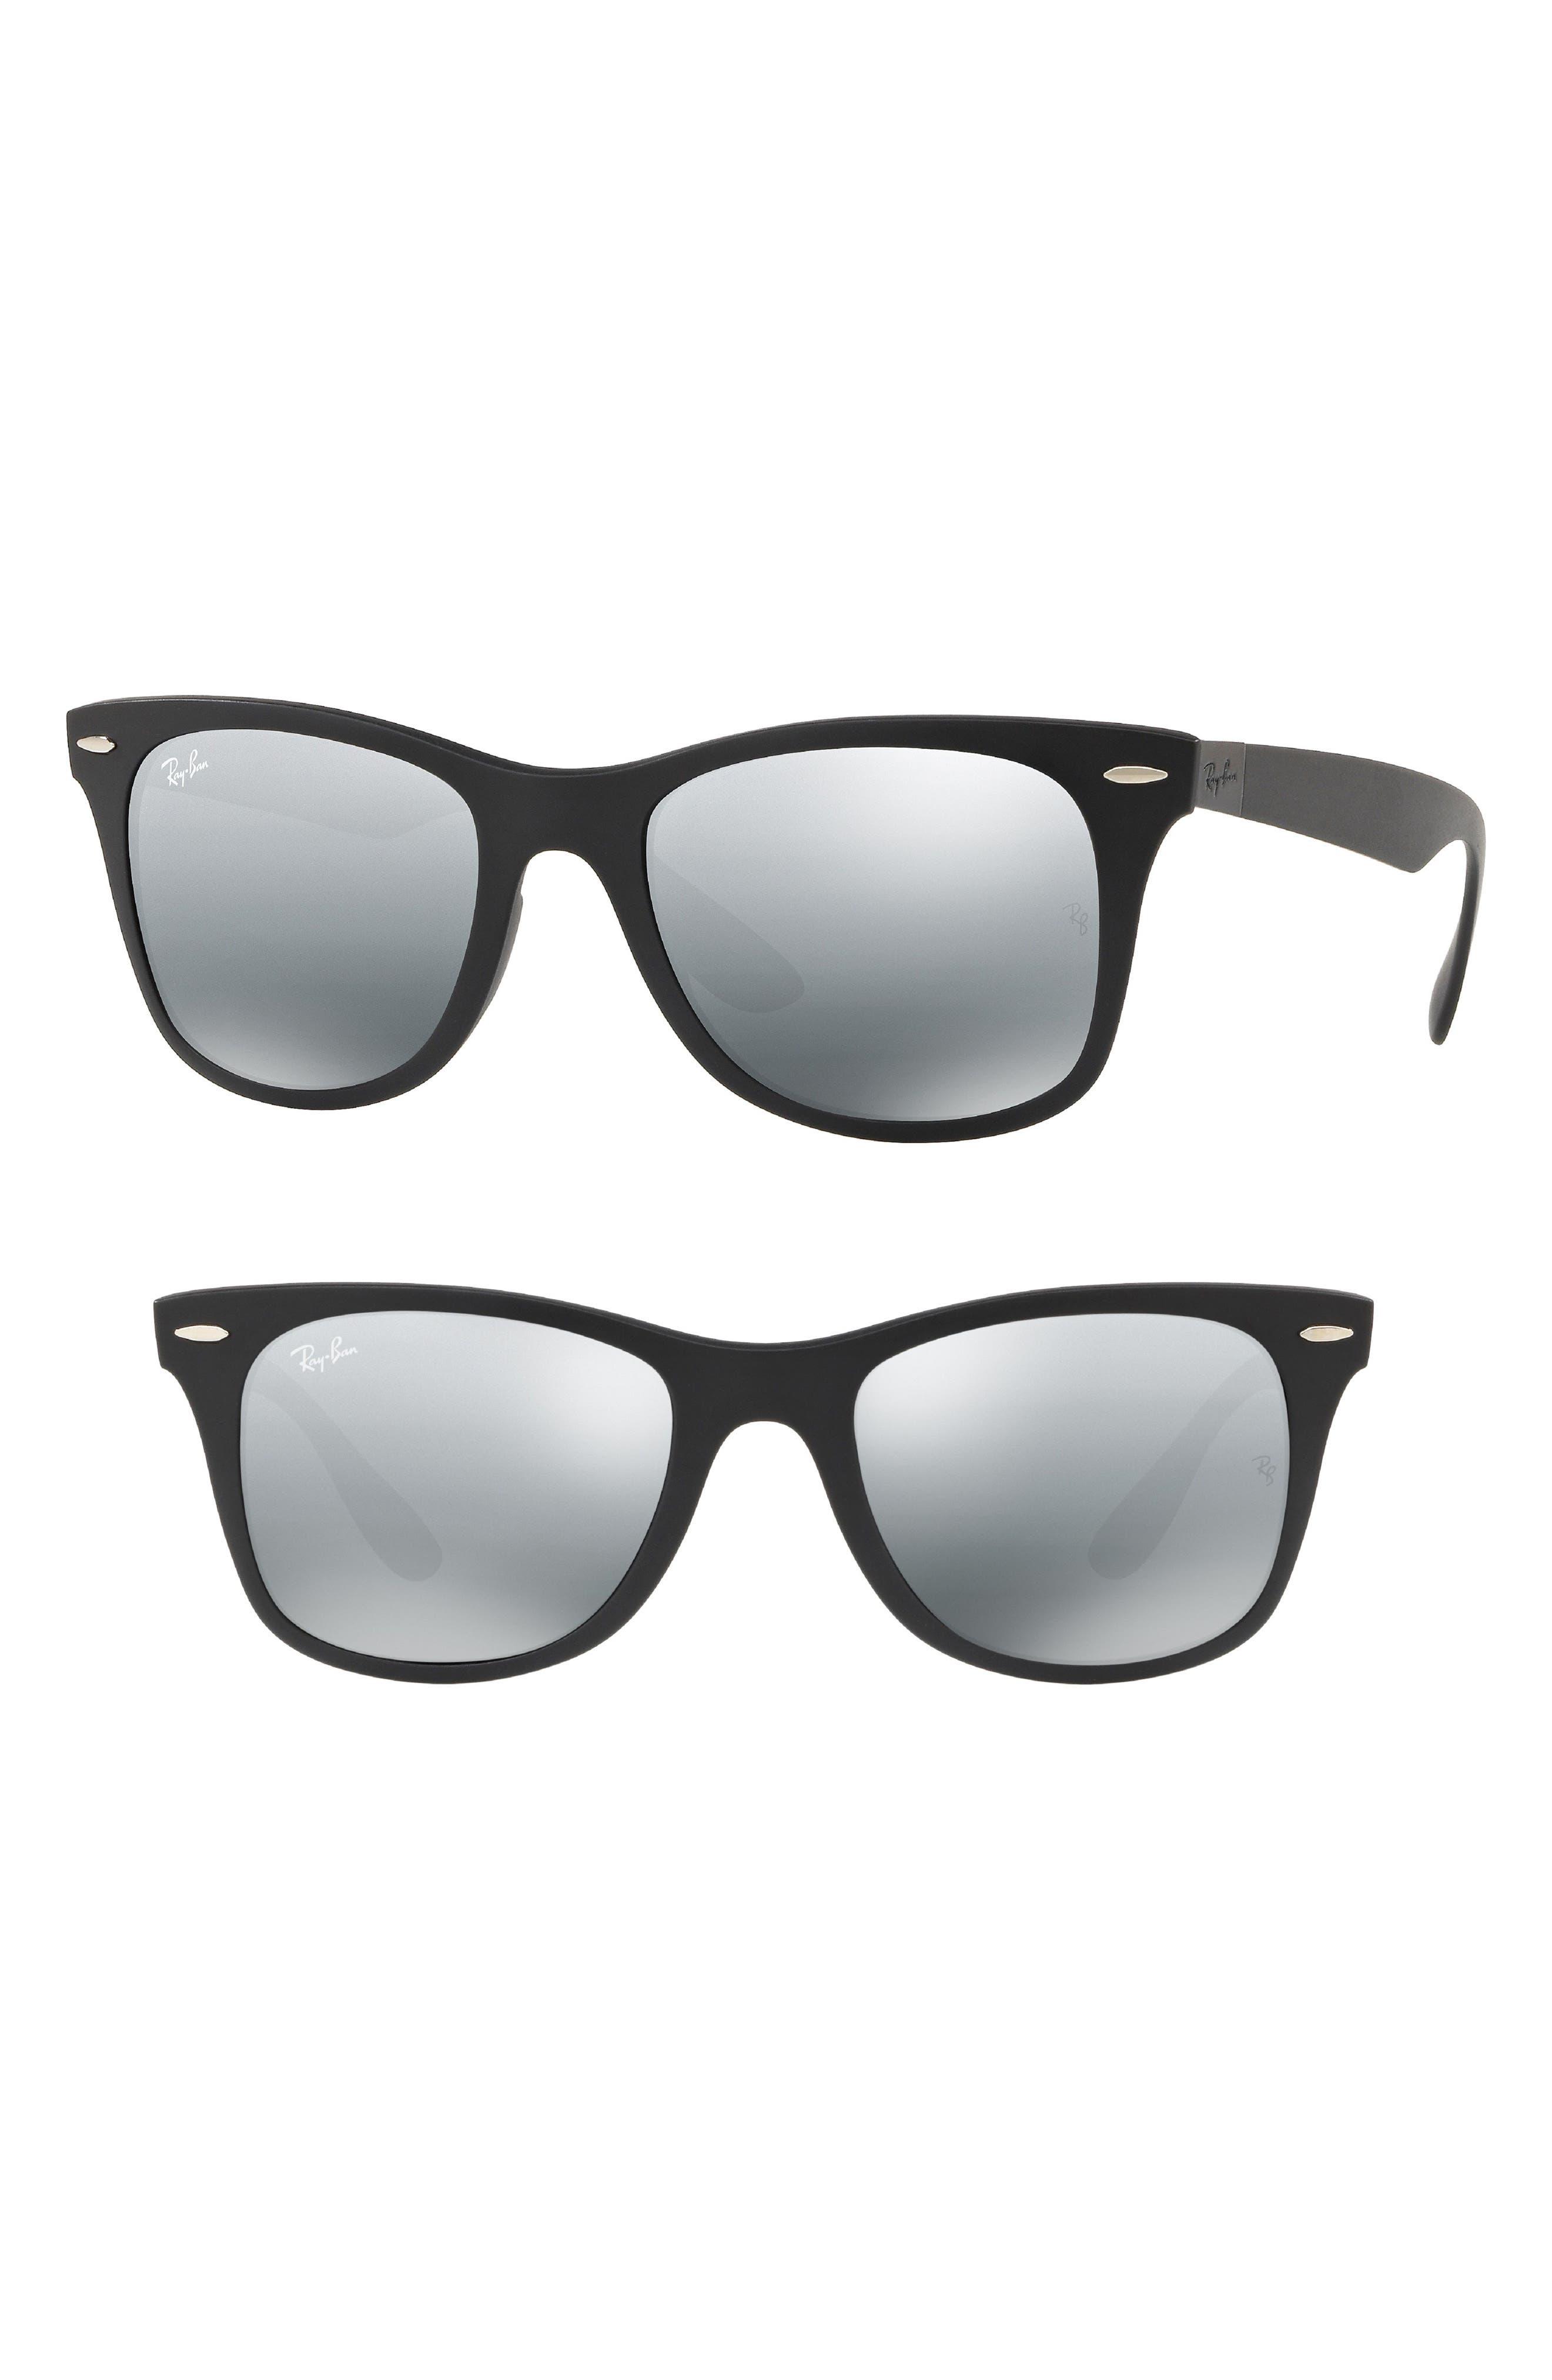 Tech Wayfarer Liteforce 52mm Sunglasses,                             Main thumbnail 1, color,                             001